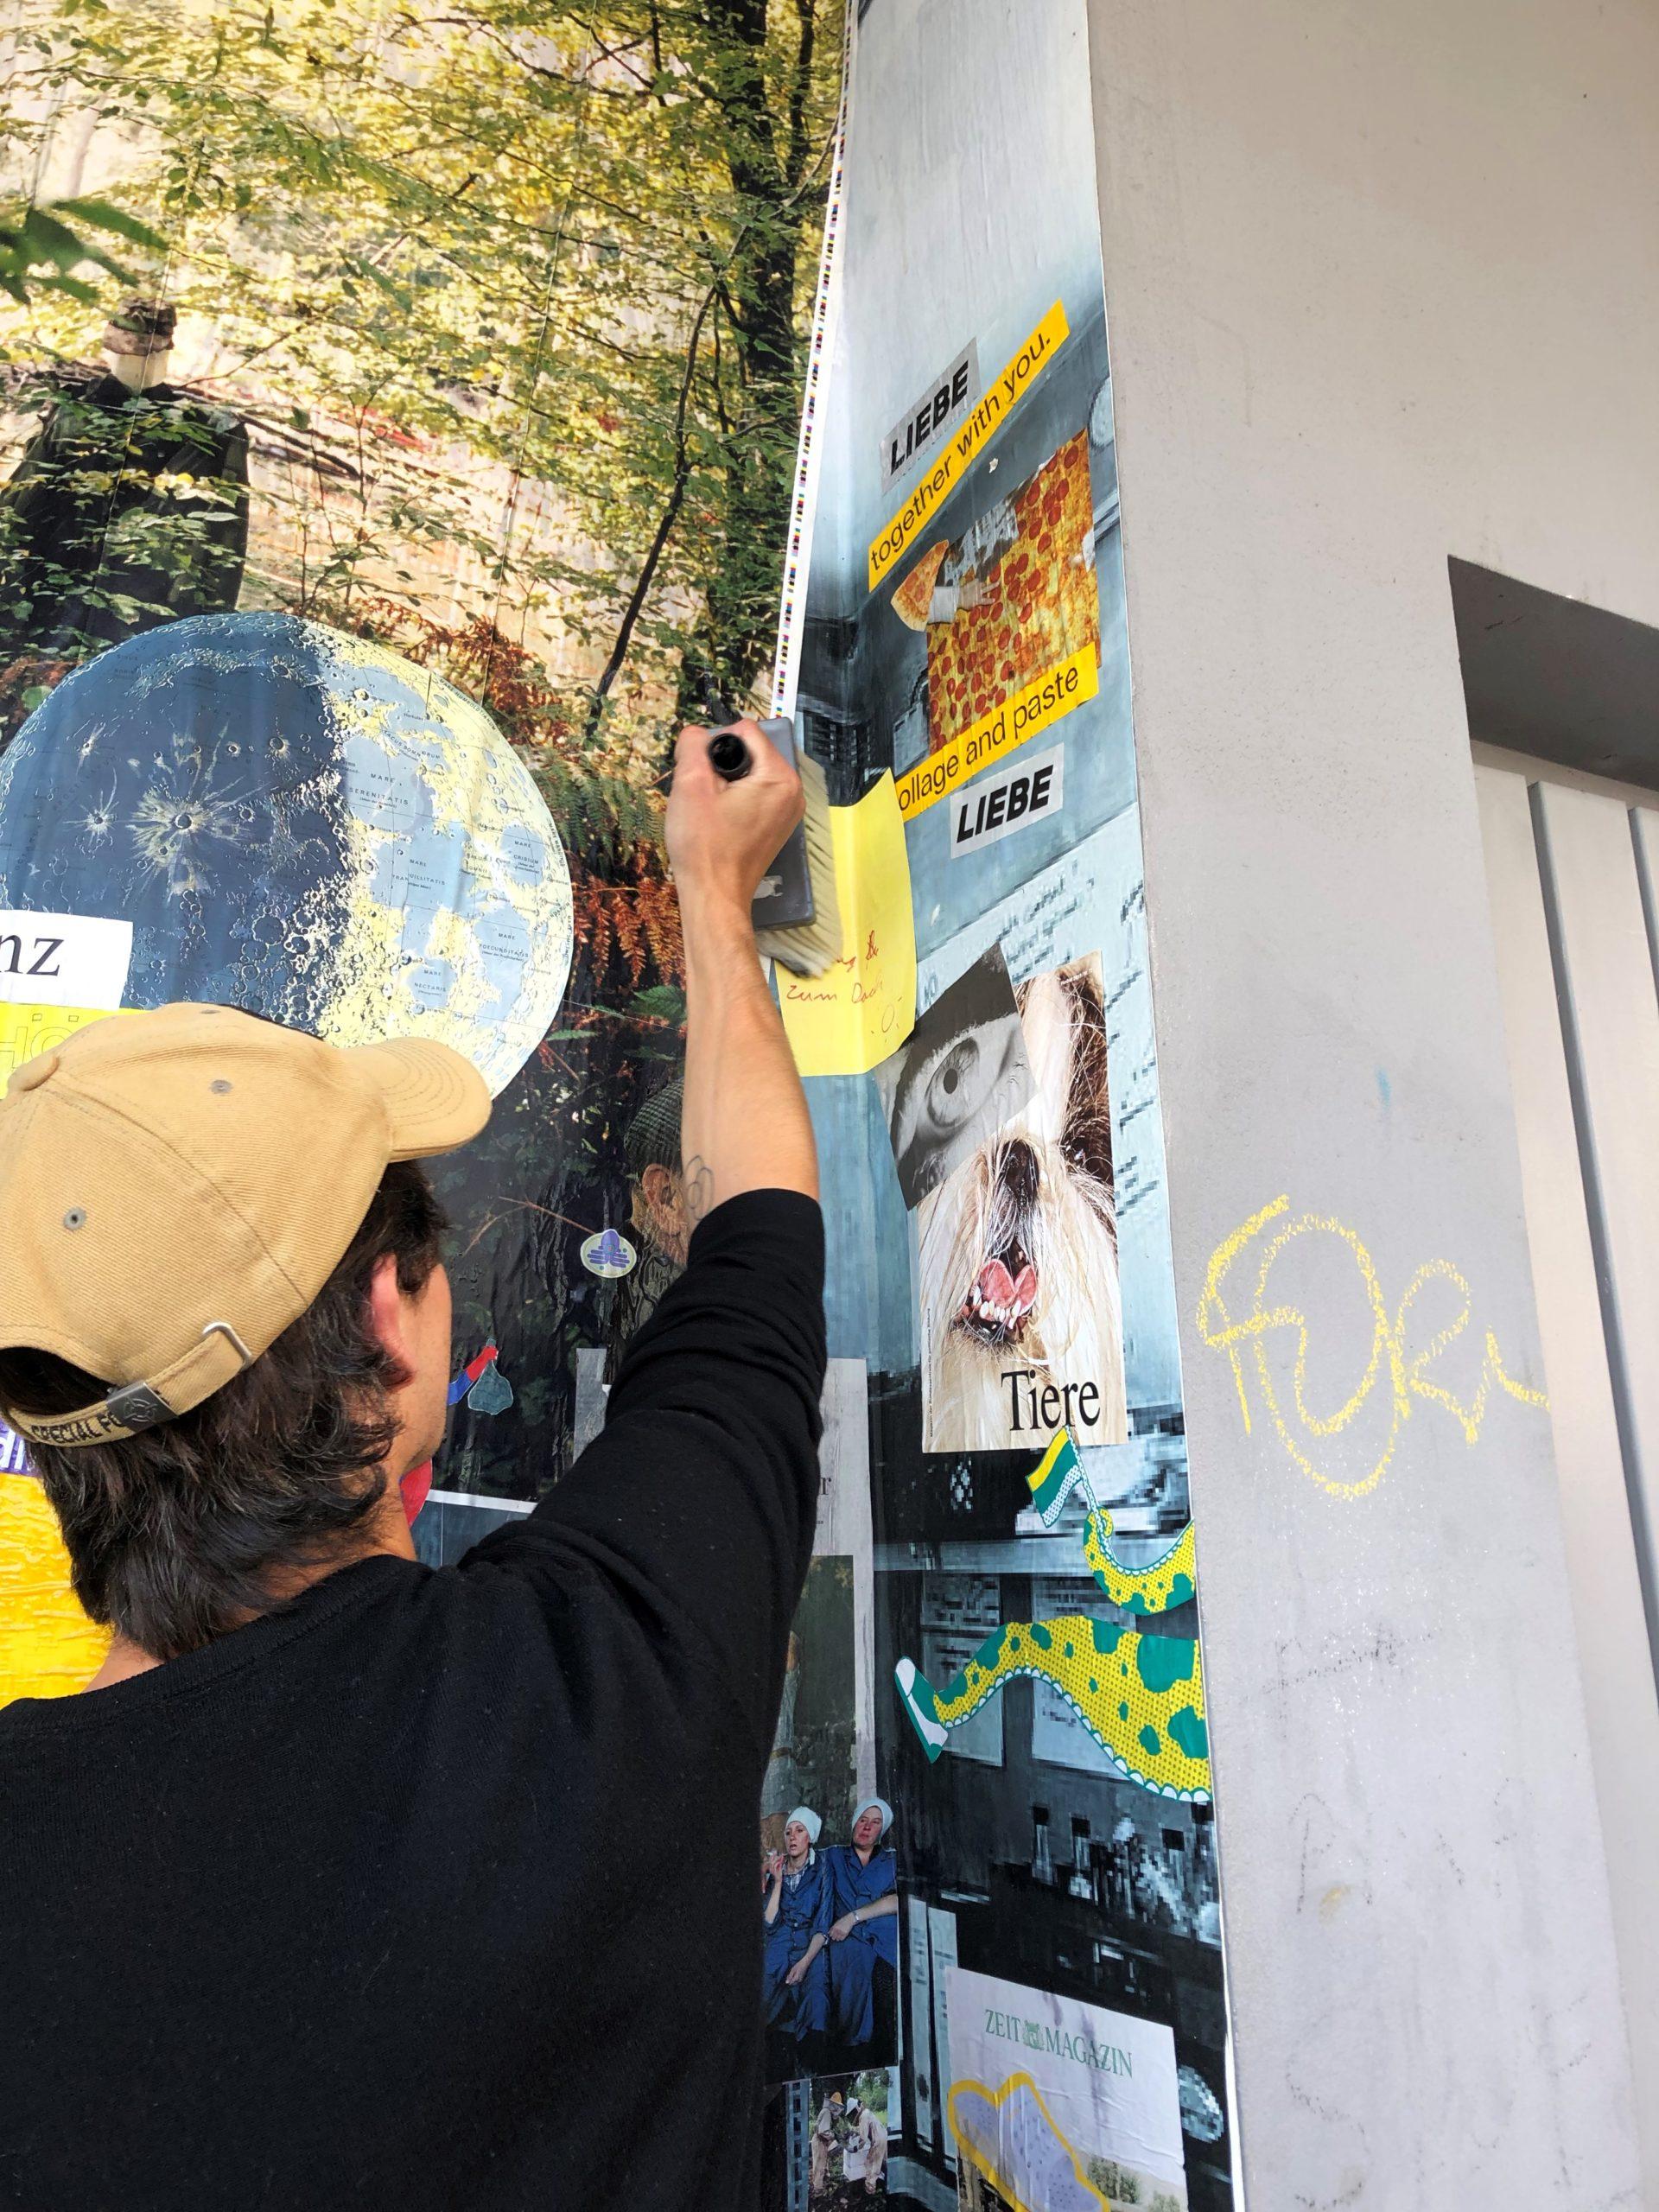 Das Foto zeigt einen Mann von hinten, der mit einem breiten Pinsel über eine Wand streicht, an der verschiedene ausgeschnittene Bilder und Texte kleben.